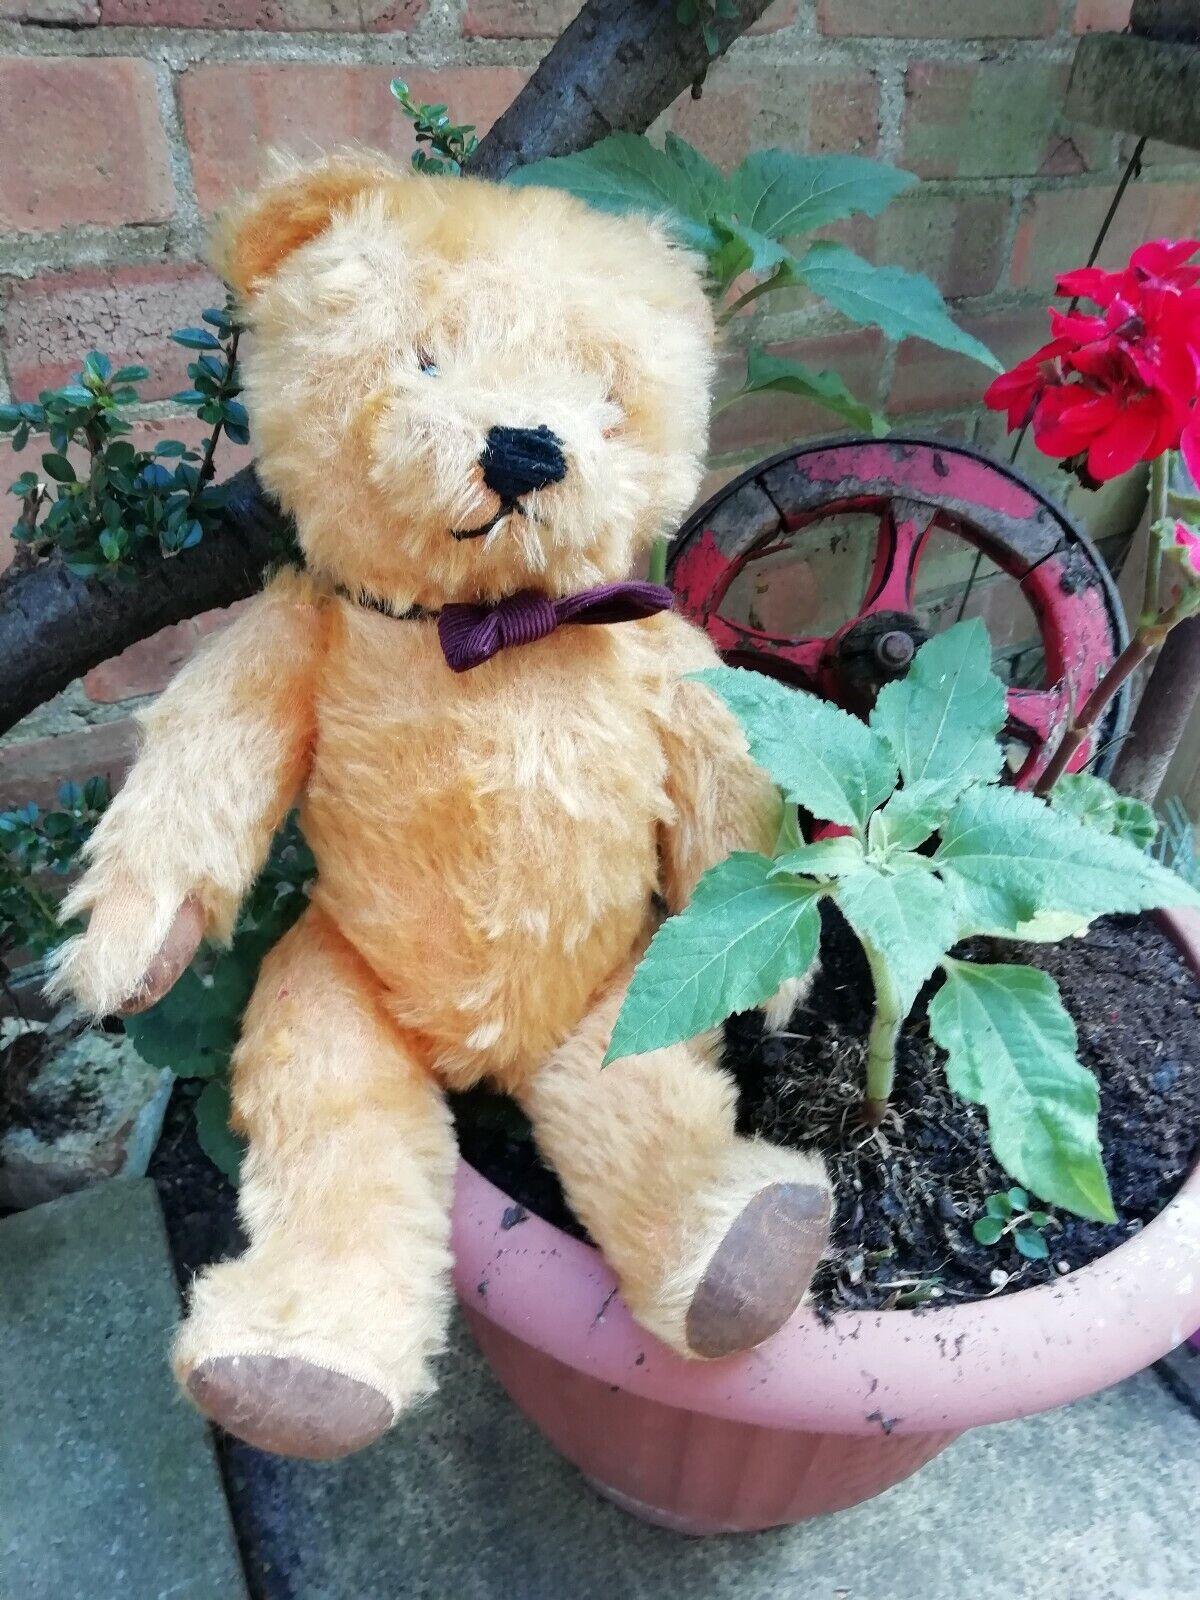 Antico musical di giunti sferici Teddy Bear oroEN Mohair